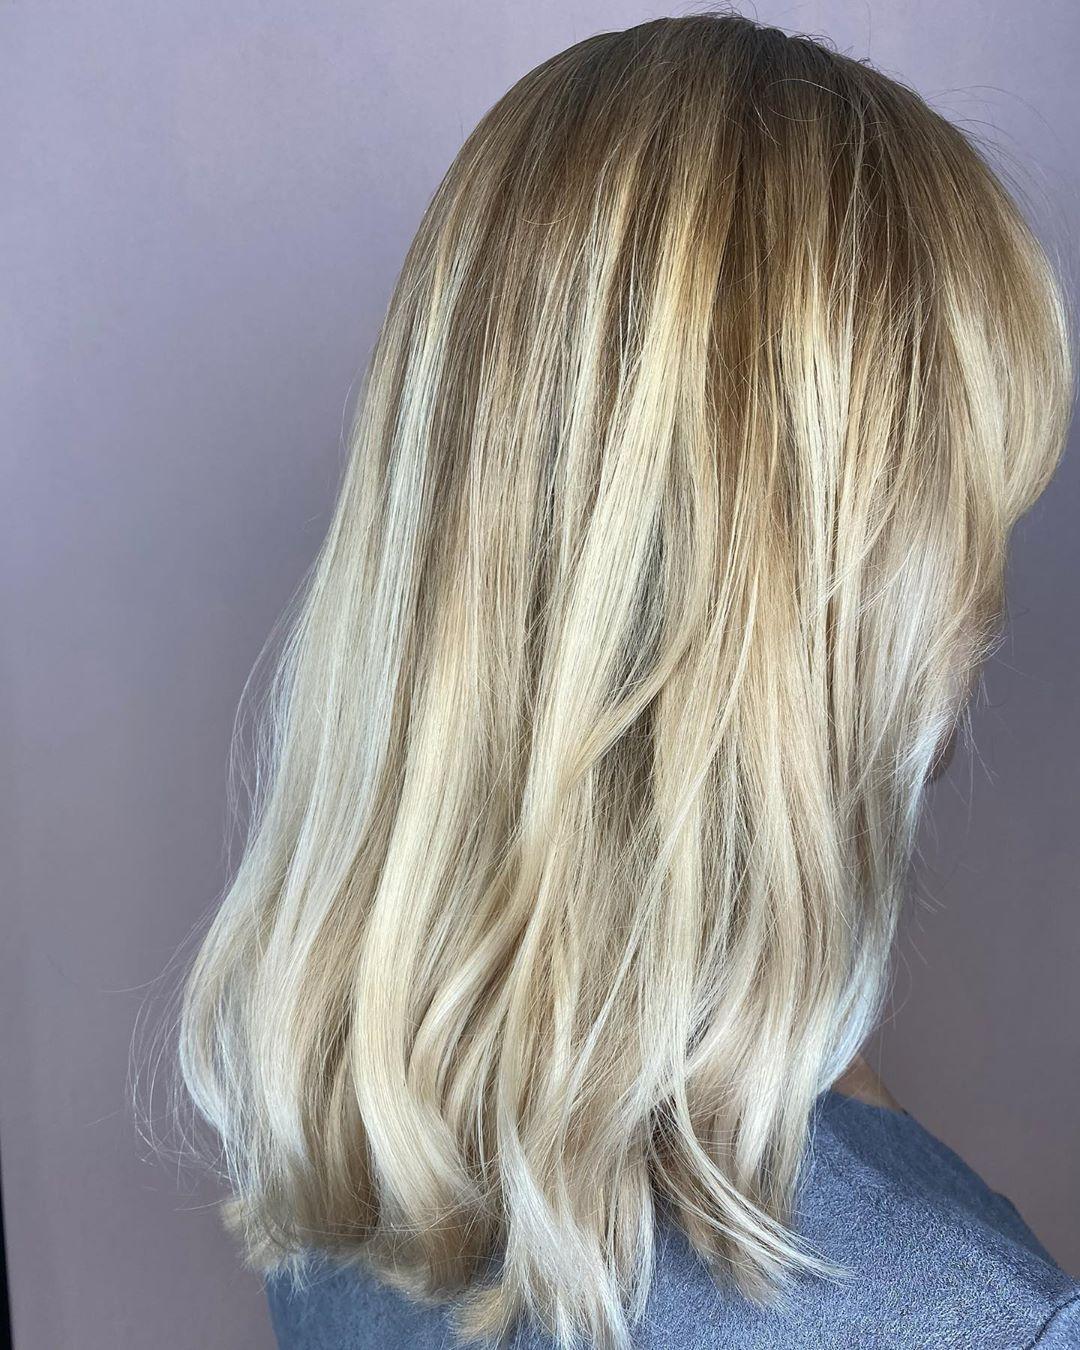 Going, Going, Blonde.. #balayage #kenenjerrys #vakantieinjehaar? #kappertilburg #tilburg #013 #nofilter // SWIPE voor de voor foto